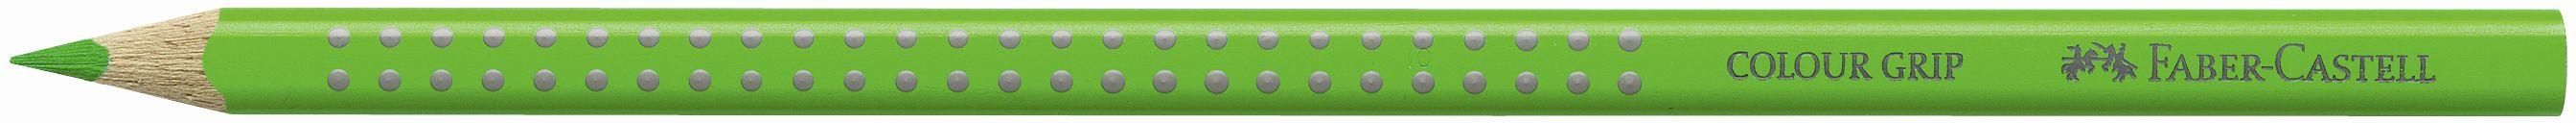 Pastelka Color Grip / 166 travní zeleň Faber Castell - Akvarelové pastelky Faber Castell - Akvarelové pastelky